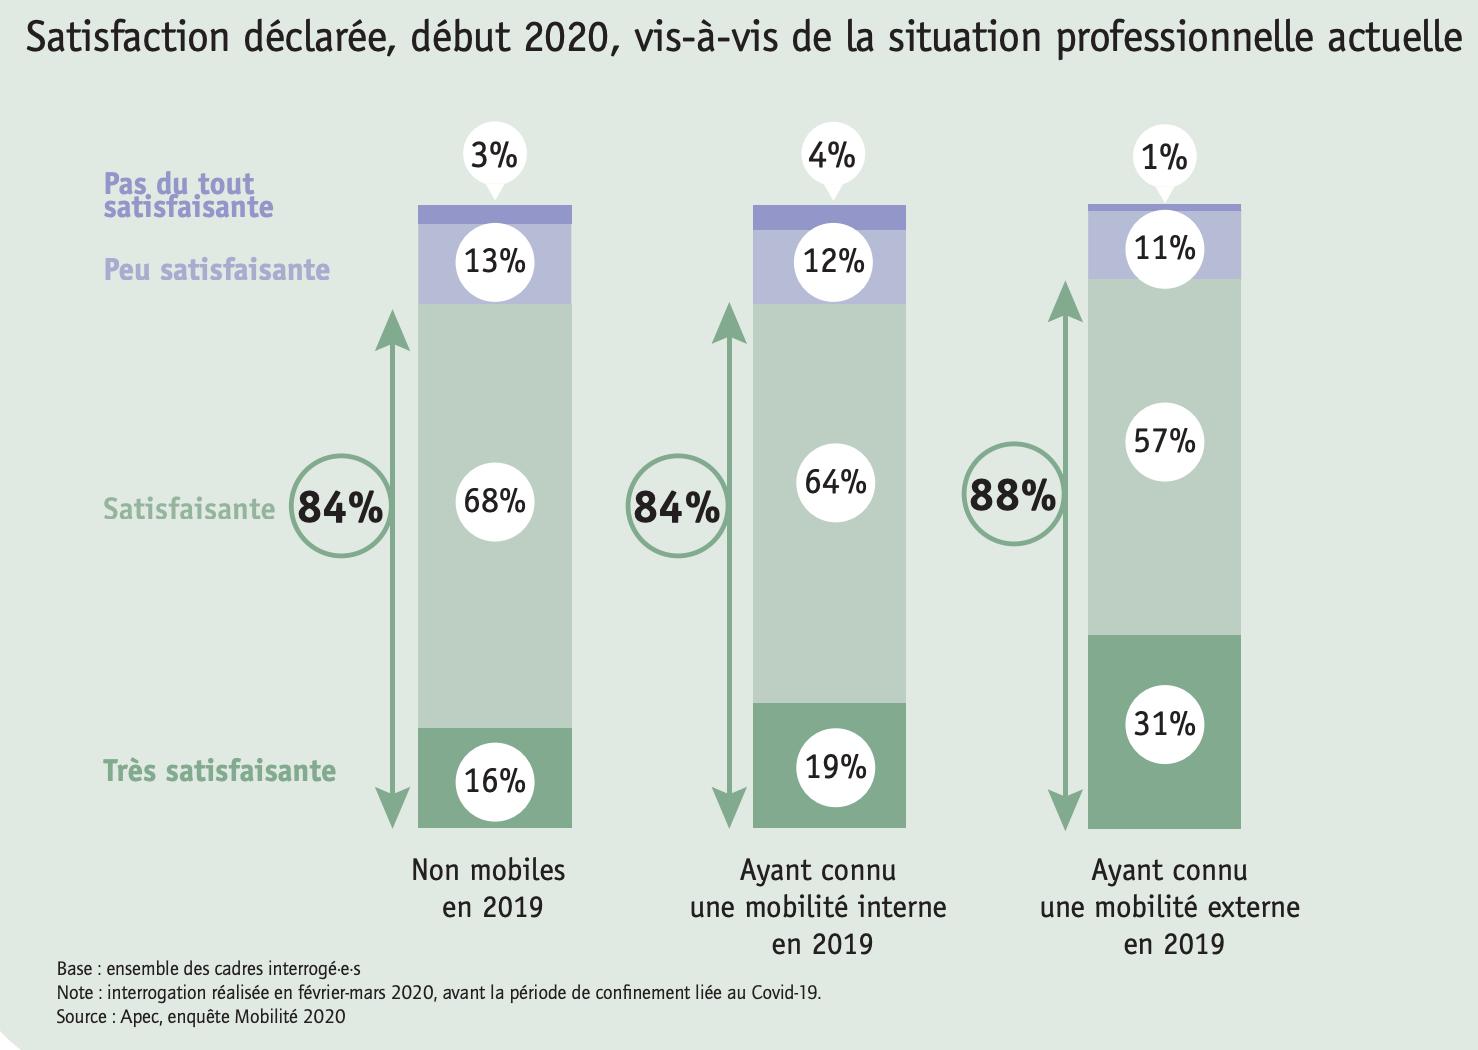 Satisfaction déclarée début 2020 vis-à-vis de la situation professionnelle actuelle